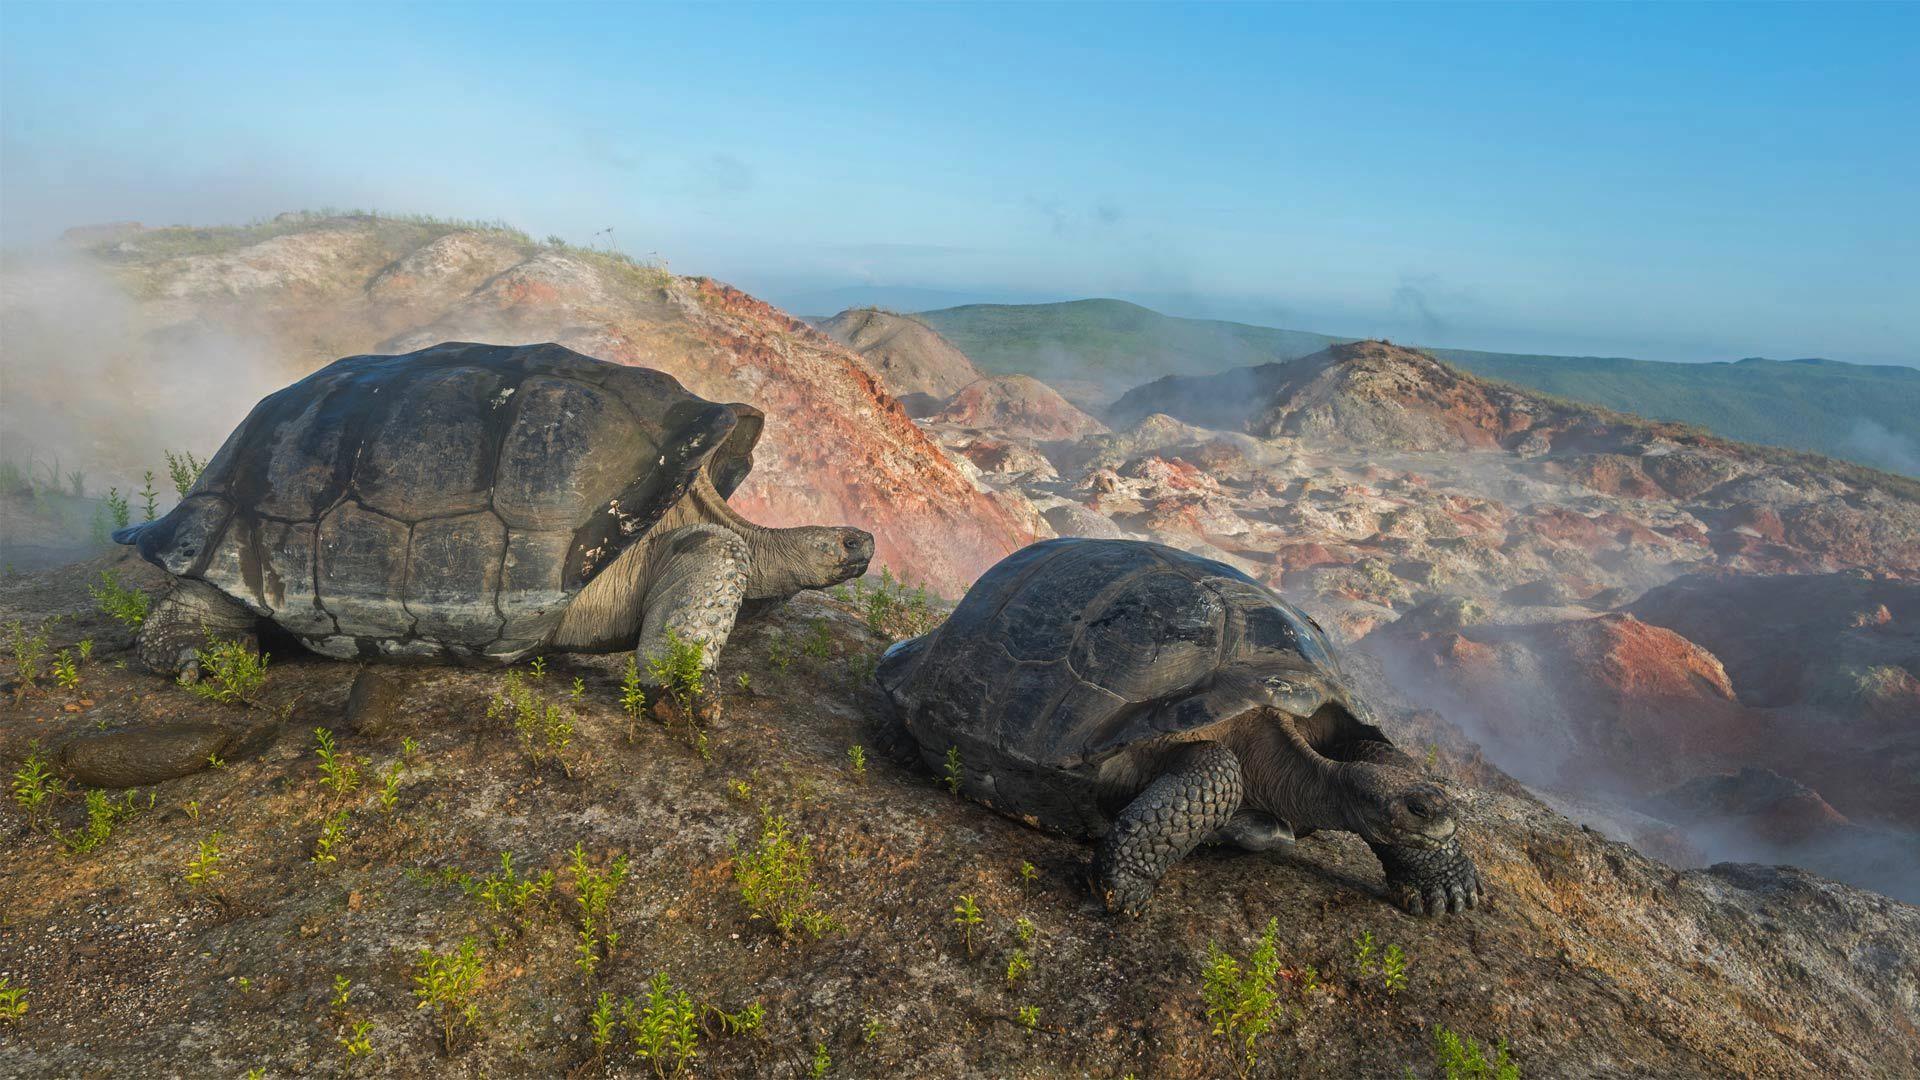 阿尔塞多火山上的象龟